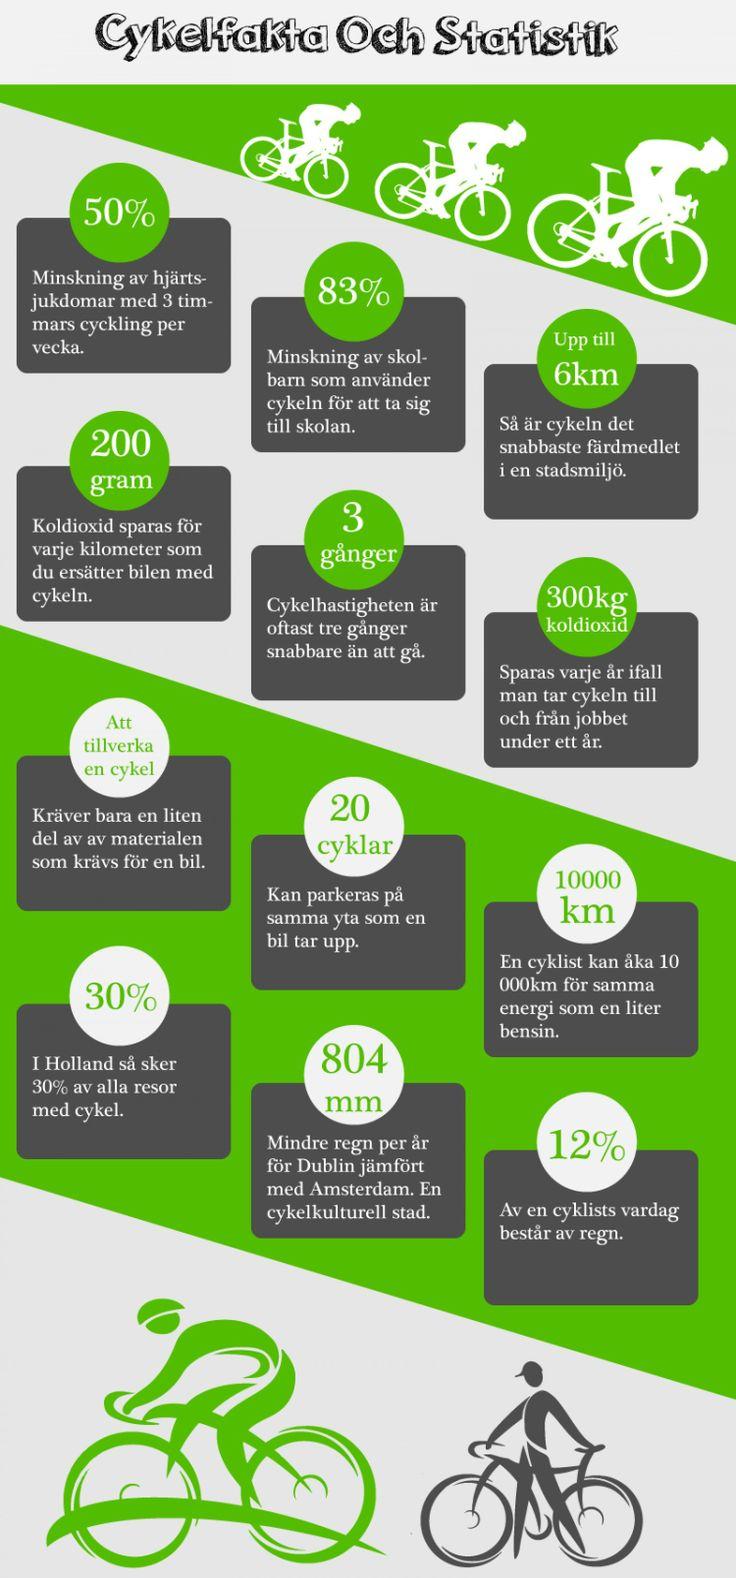 En infographic om några grundläggande cykling fakta och statistik